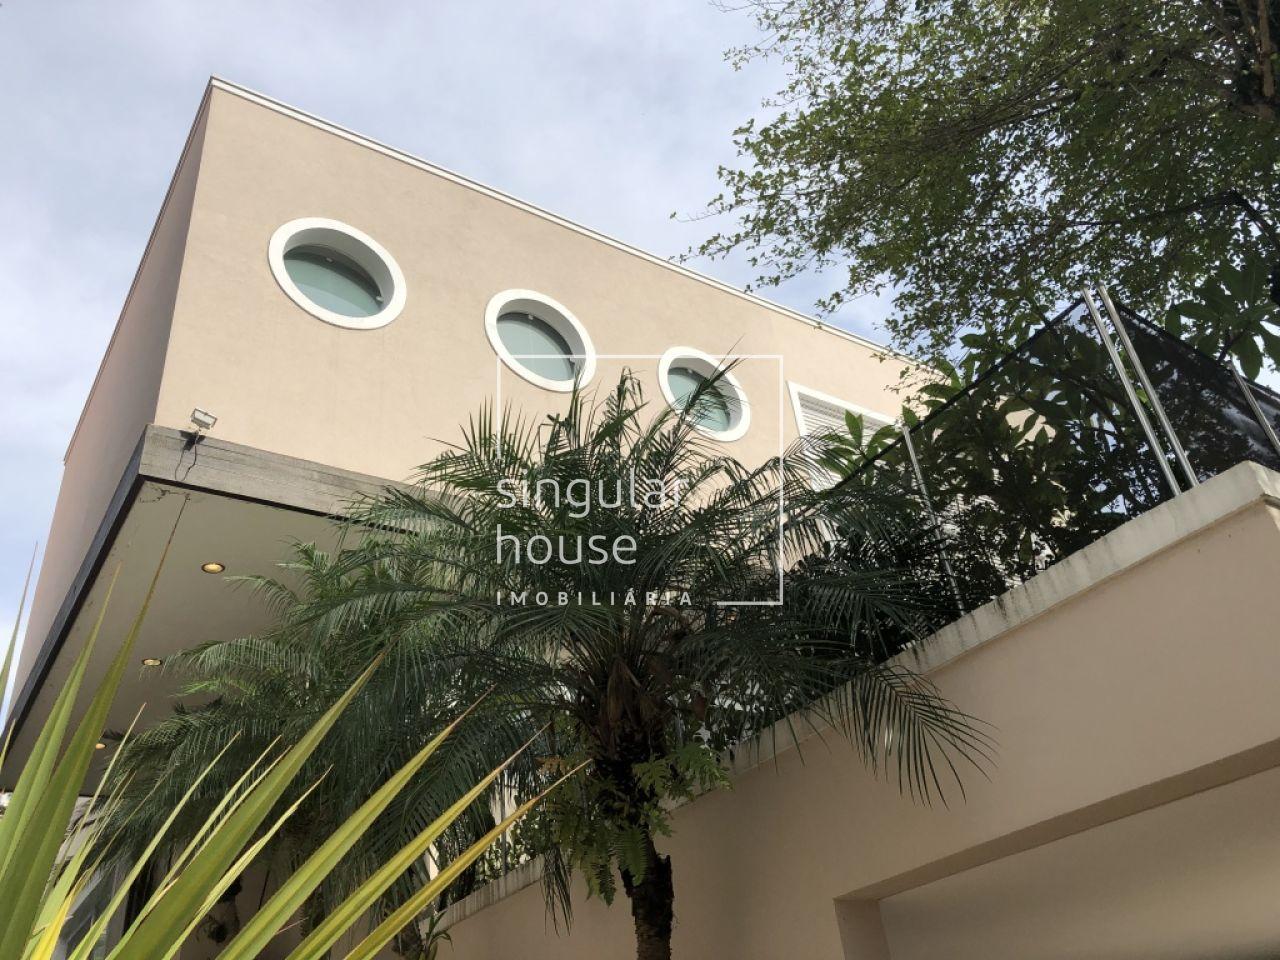 Casa Super Moderna   Projeto Arrojado